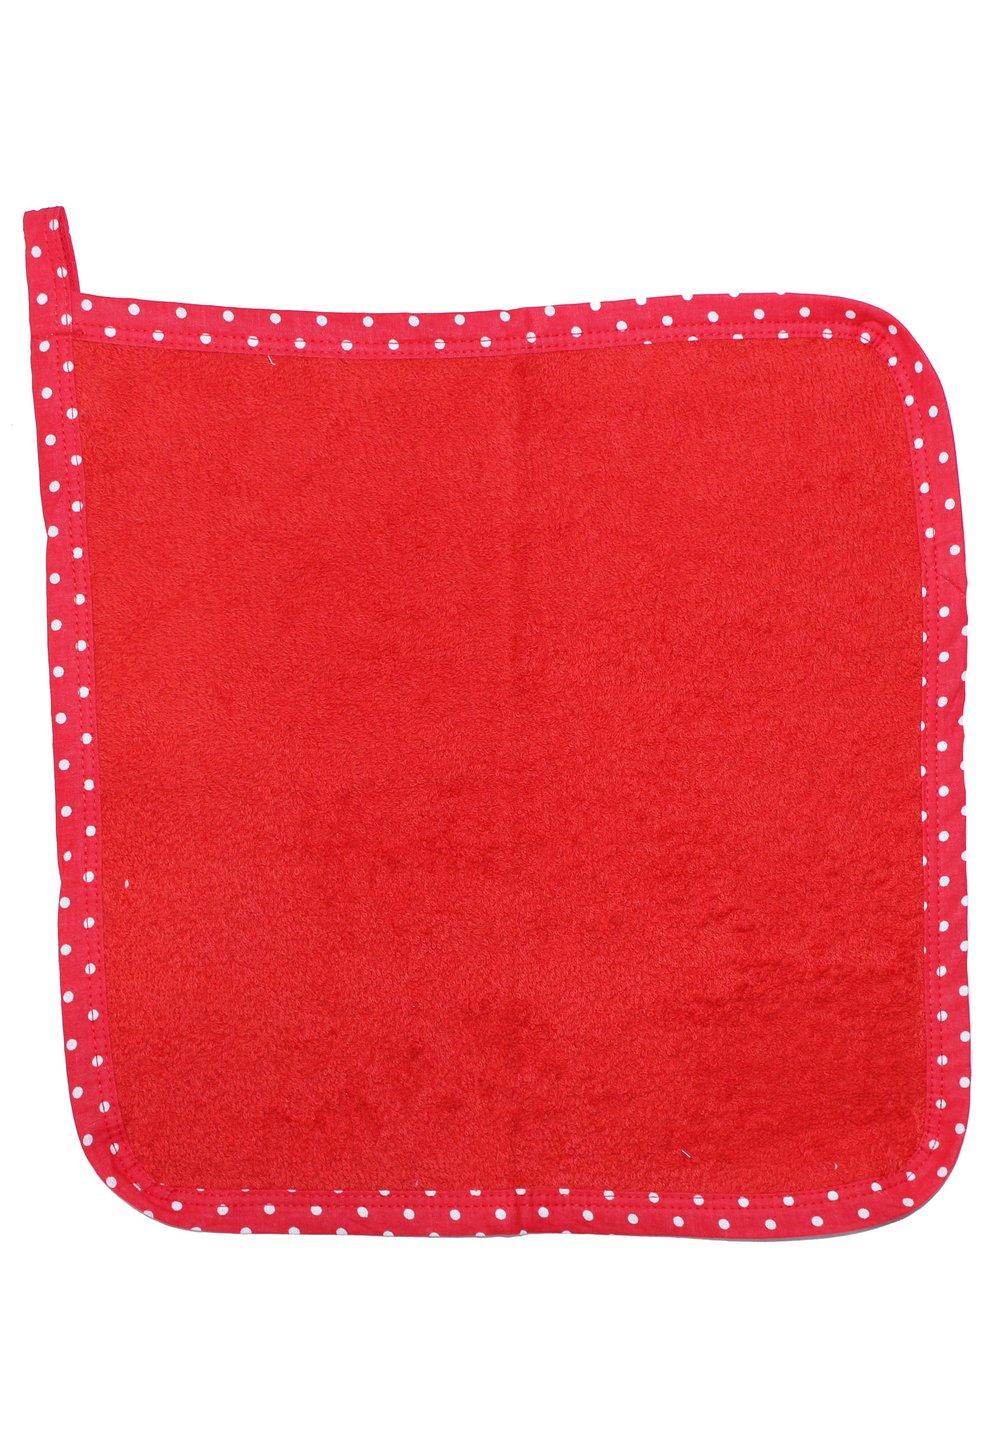 Prosop de maini, rosu, 30x30cm imagine